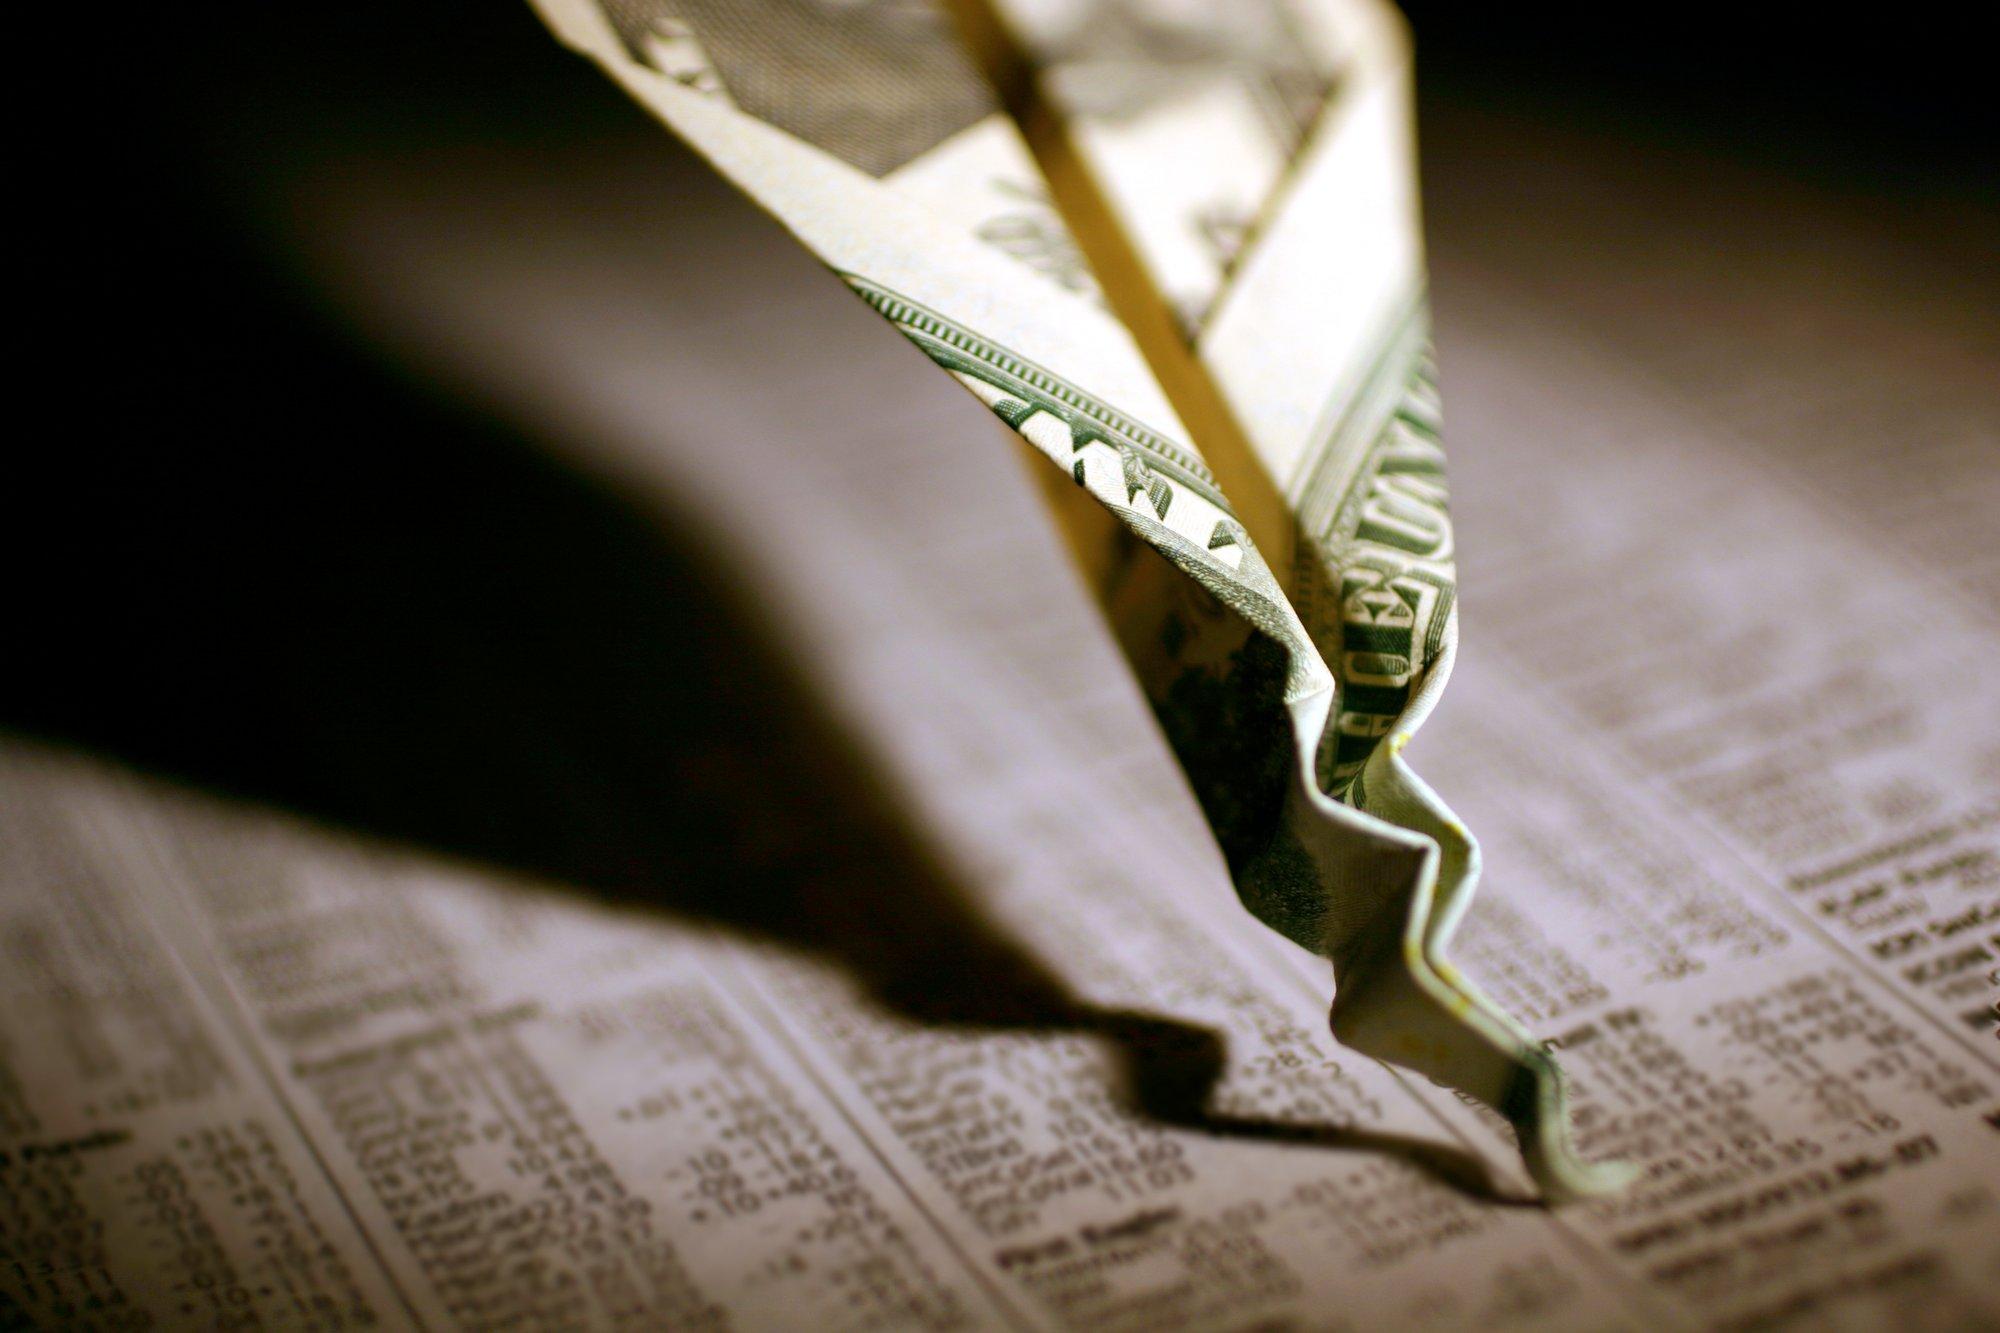 Будьте готовы. 10 причин для второй волны падения фондовых рынков